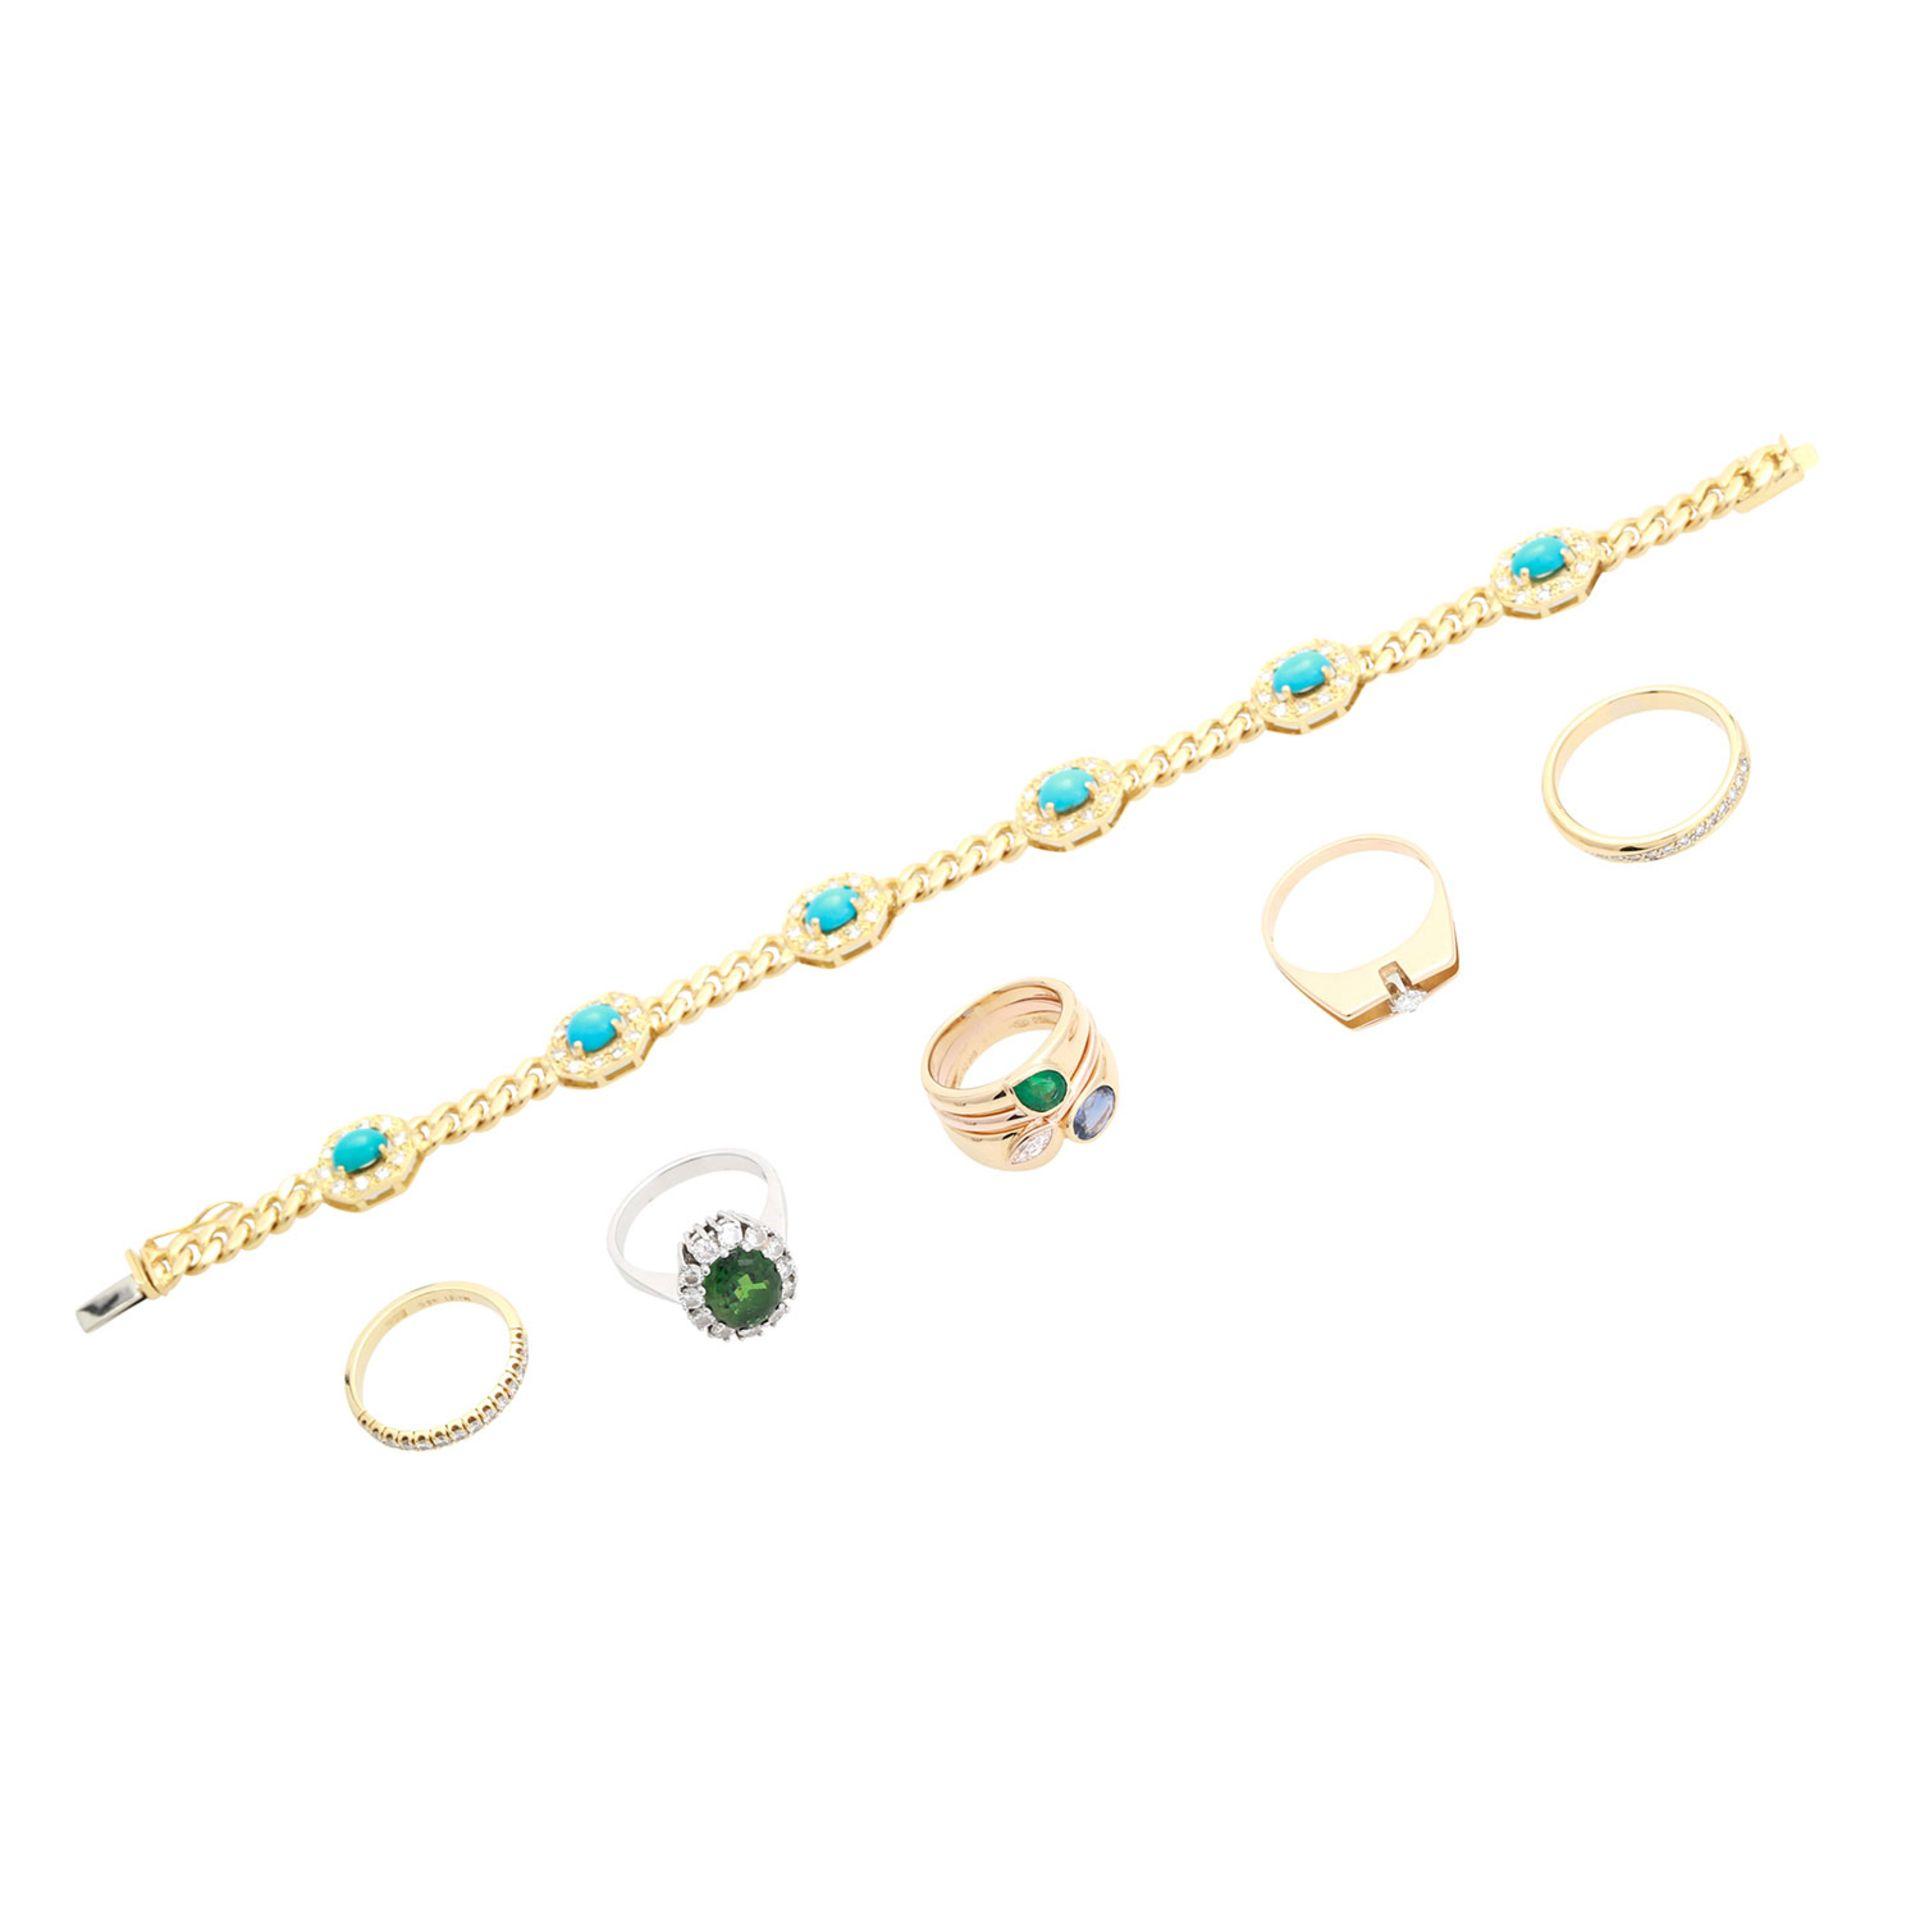 Los 20 - Schmuckkonvolut 6-teilig, Händlerkonvolut bestehend aus 5 Ringen und 1 Armband, GG / WG 18K, tlw.